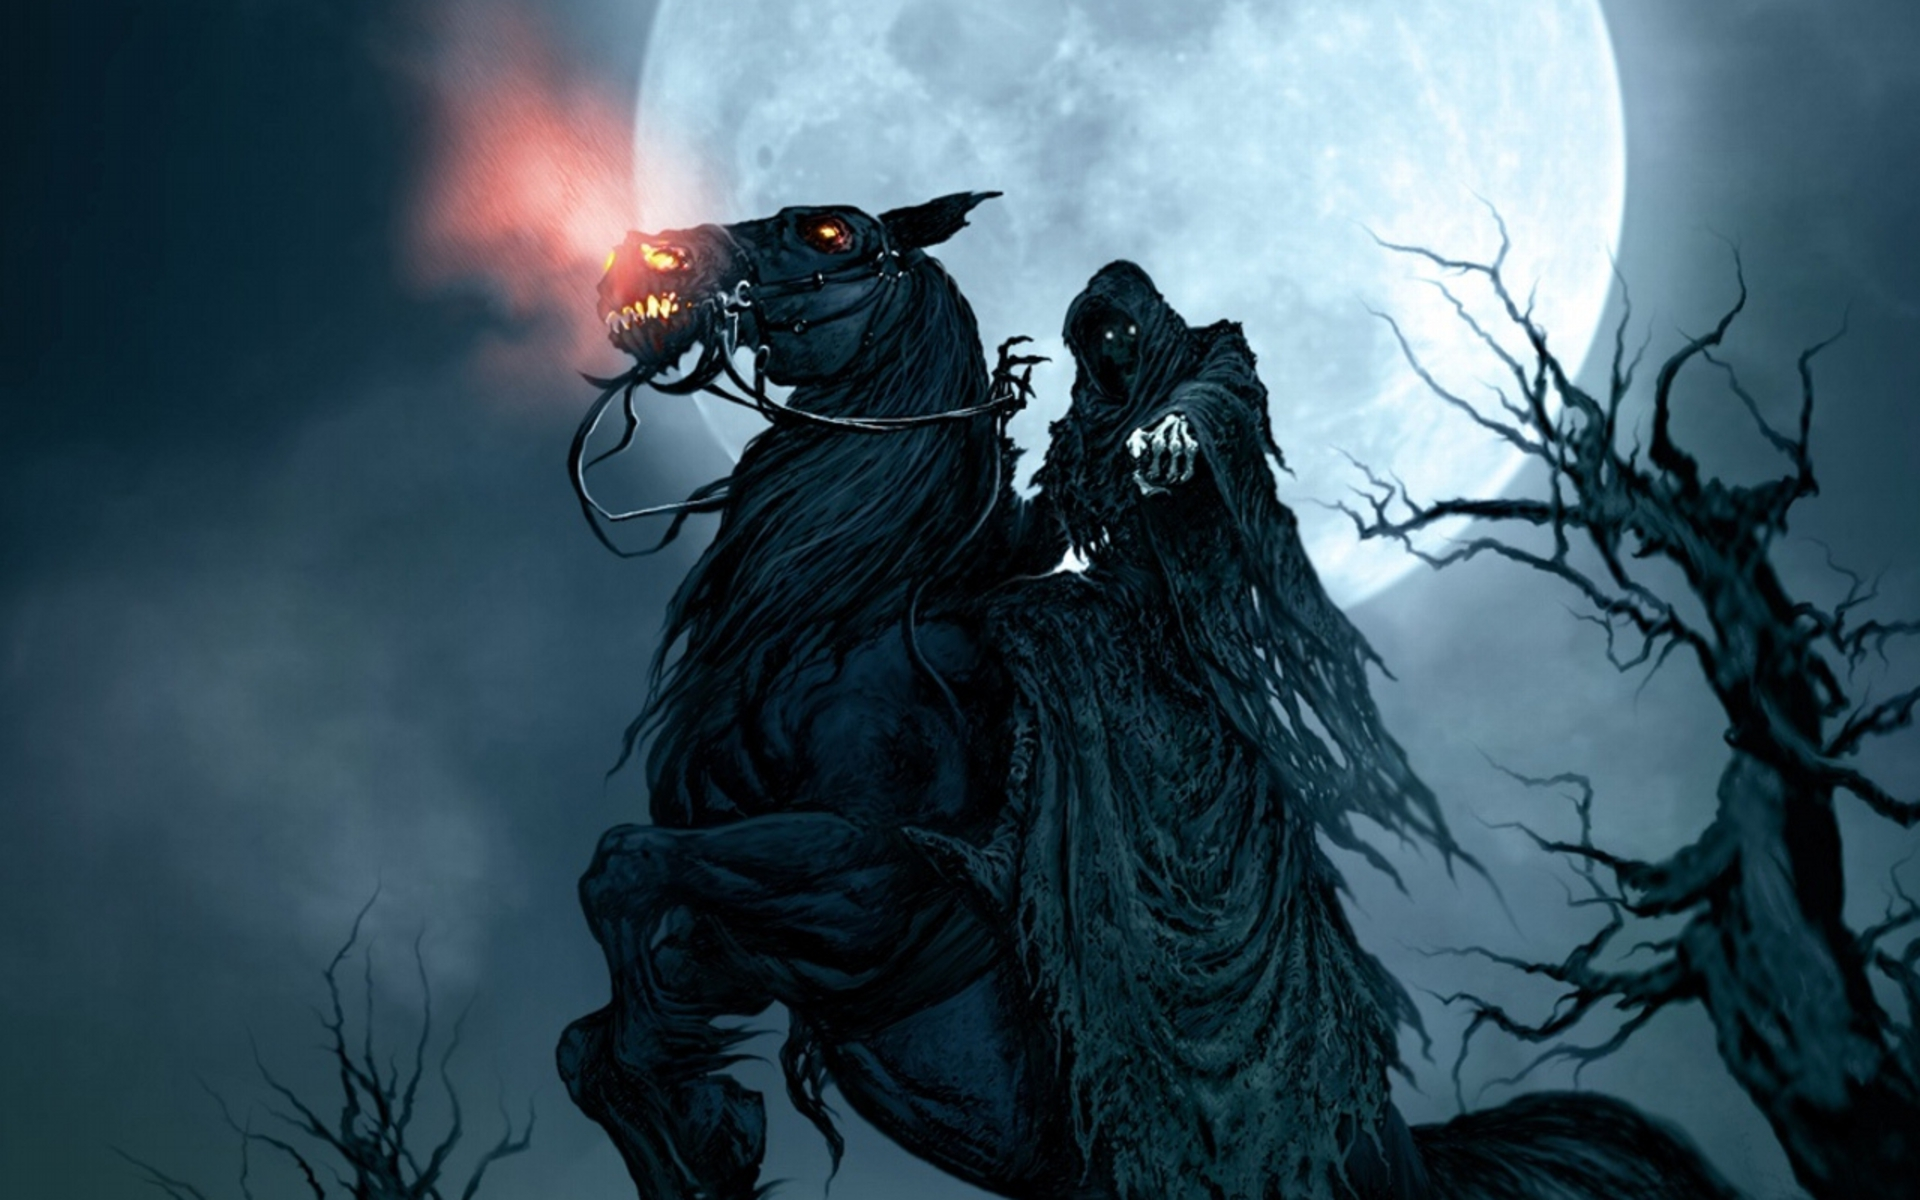 фэнтези графика женщина Grim Reaper  № 3256220 загрузить